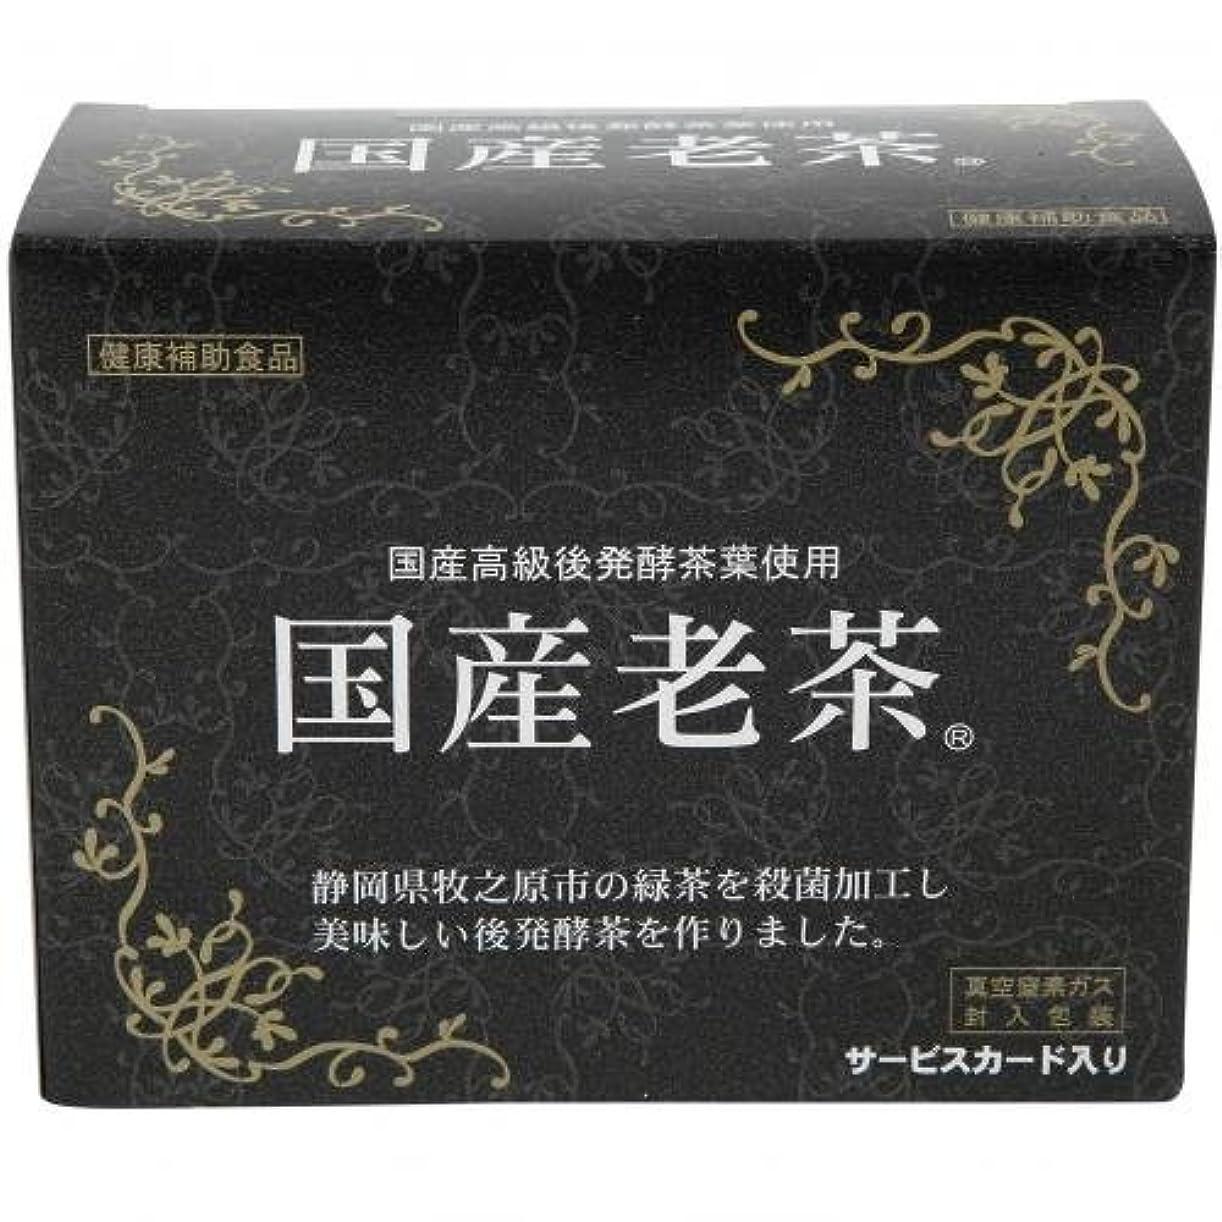 十一霜米国共栄 国産老茶 24包